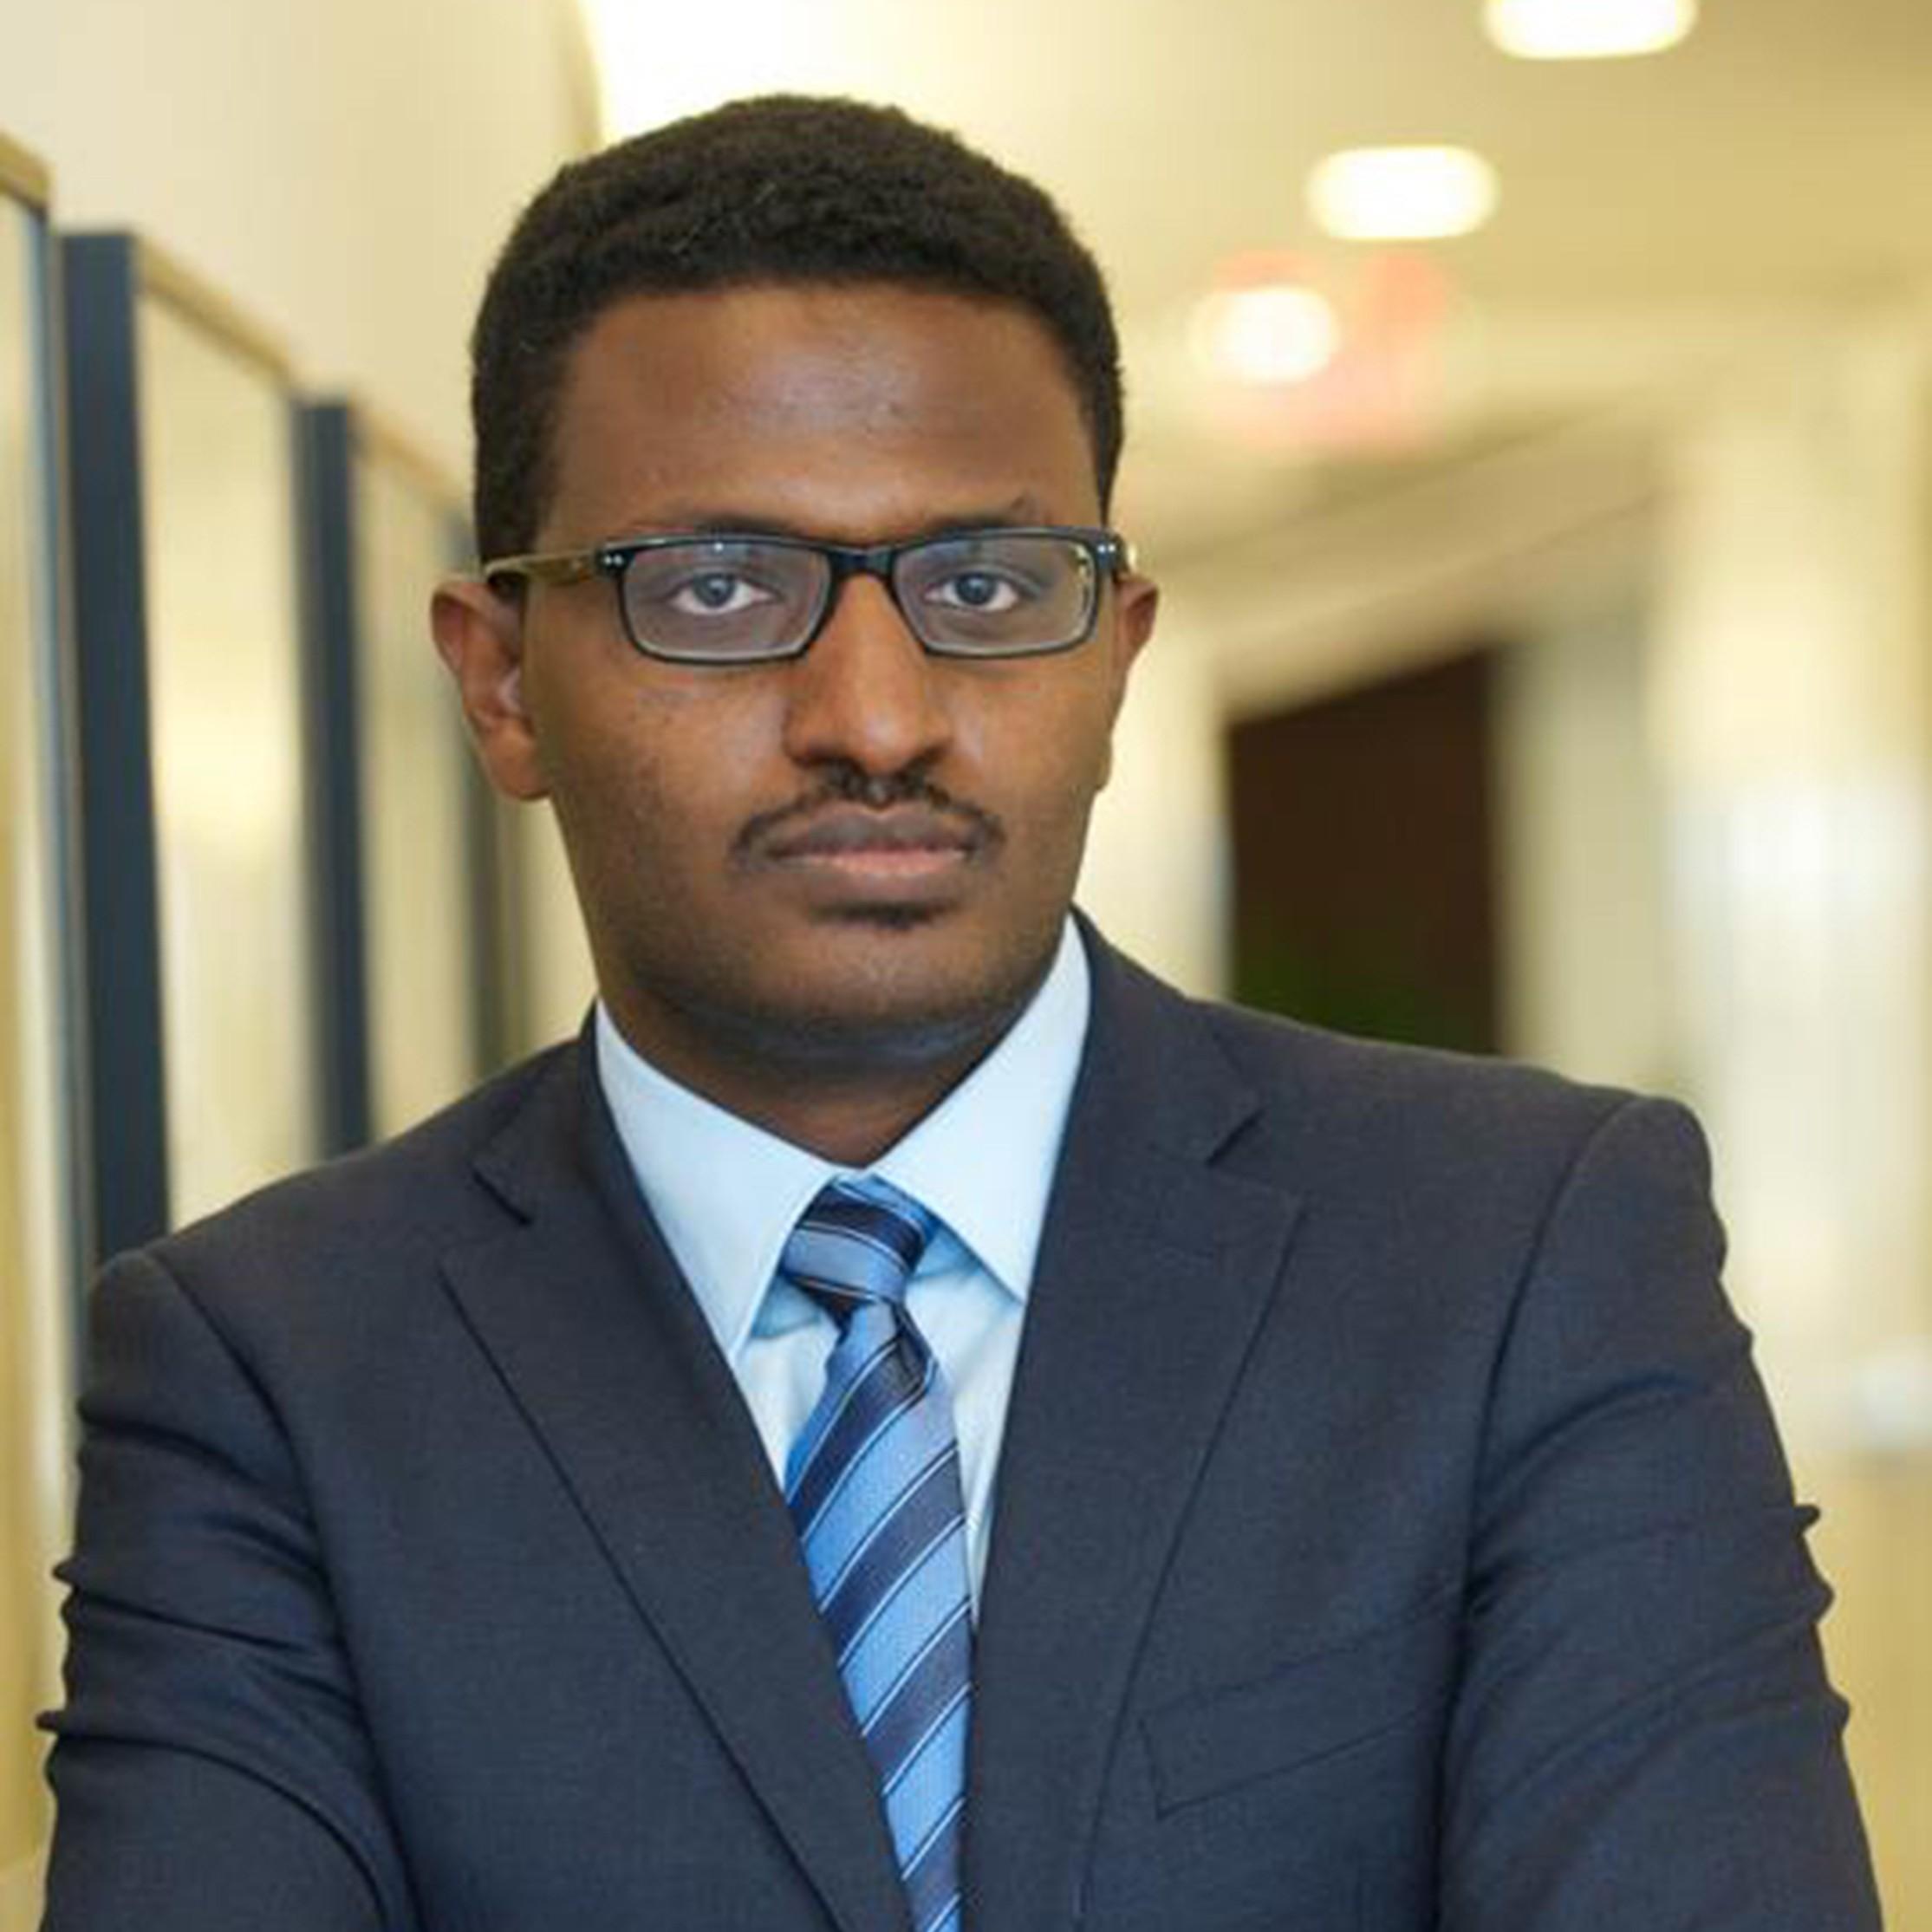 Samuel Alemayehu